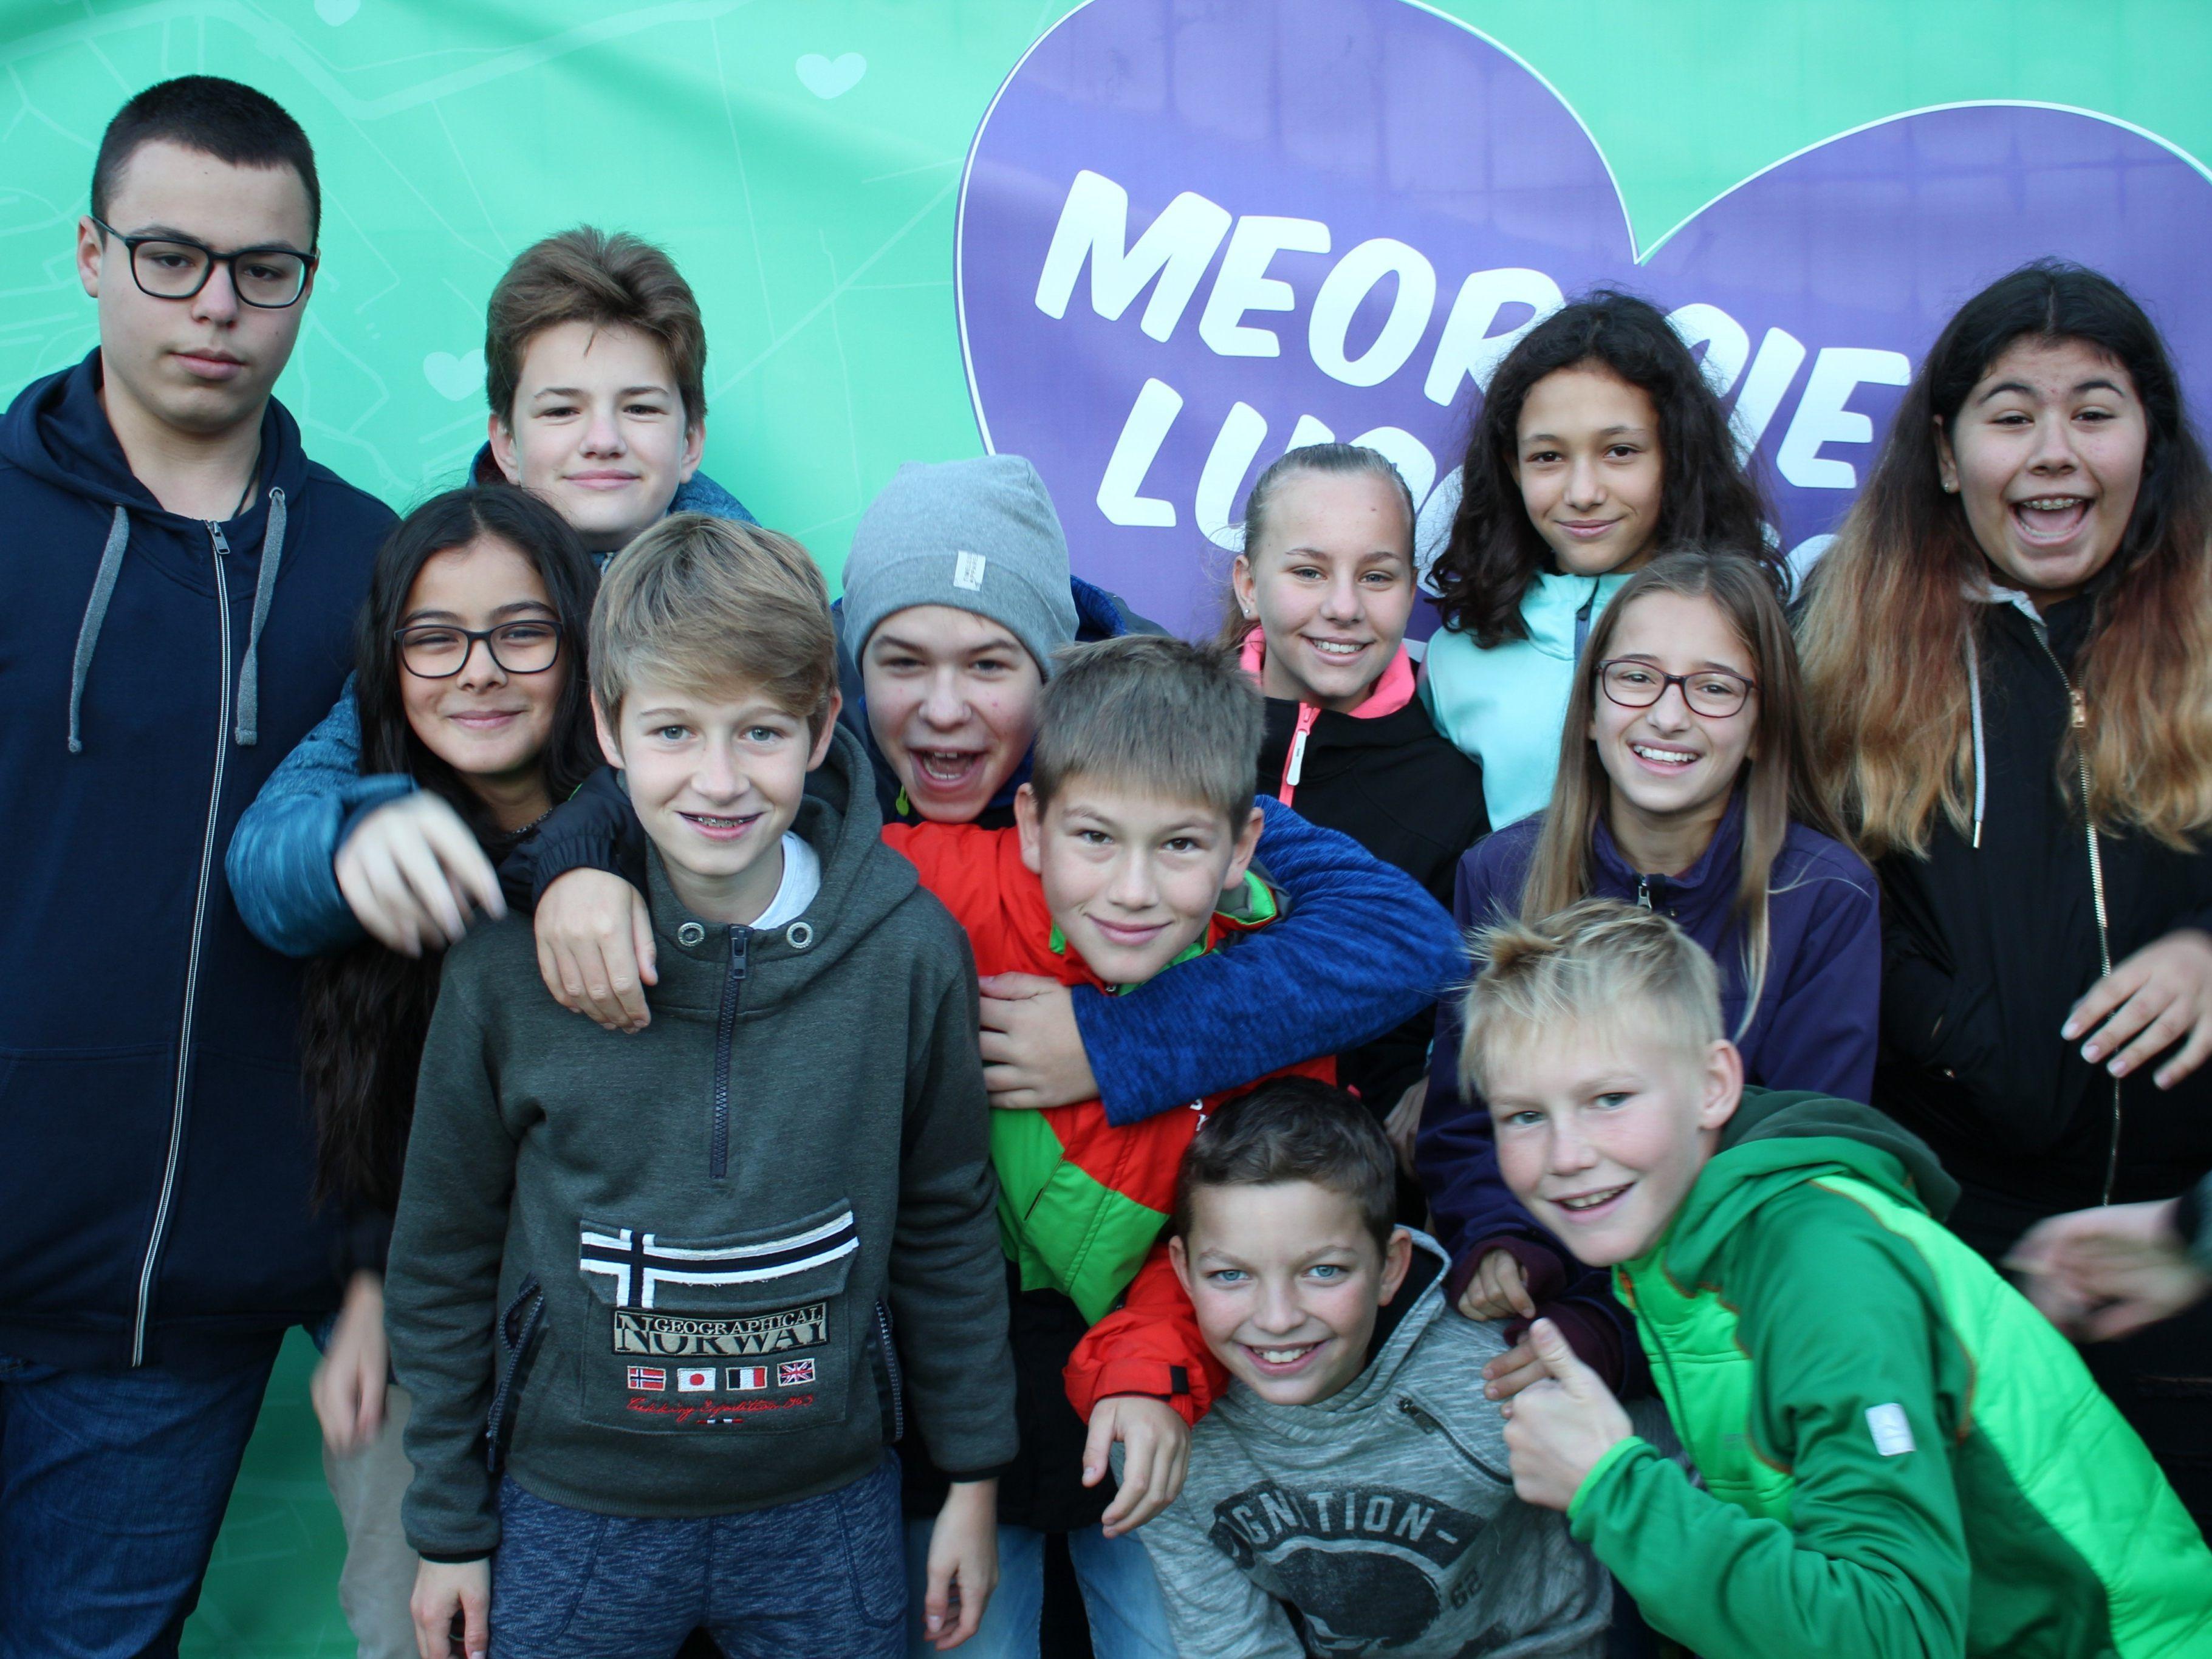 Streit um Ziffernnoten in Lustenau: Schule lenkt ein - comunidadelectronica.com